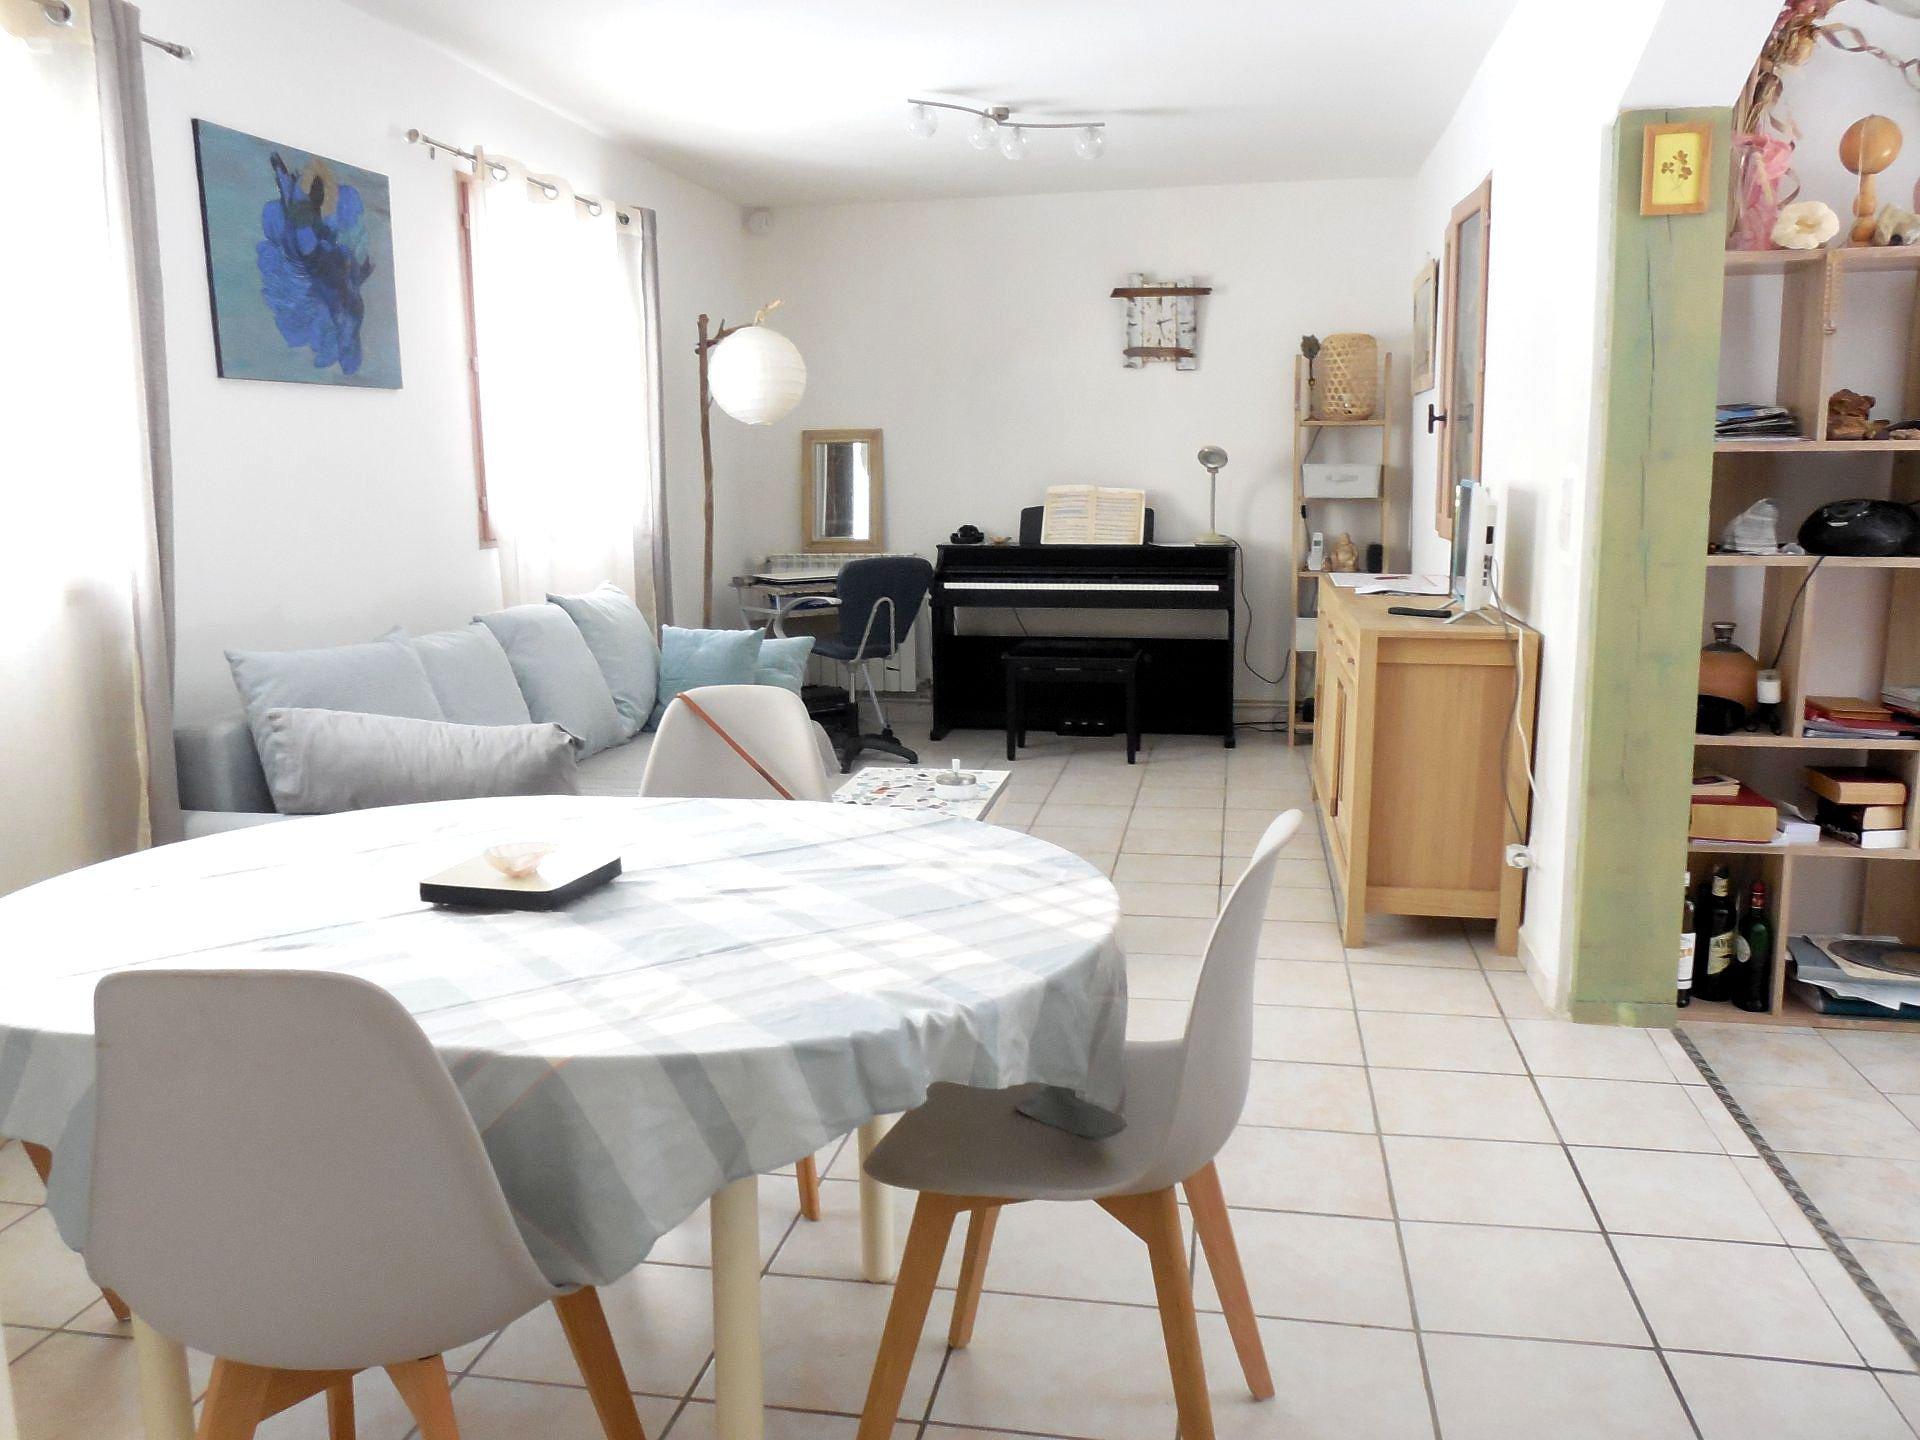 A vendre Perpignan maison plain pied